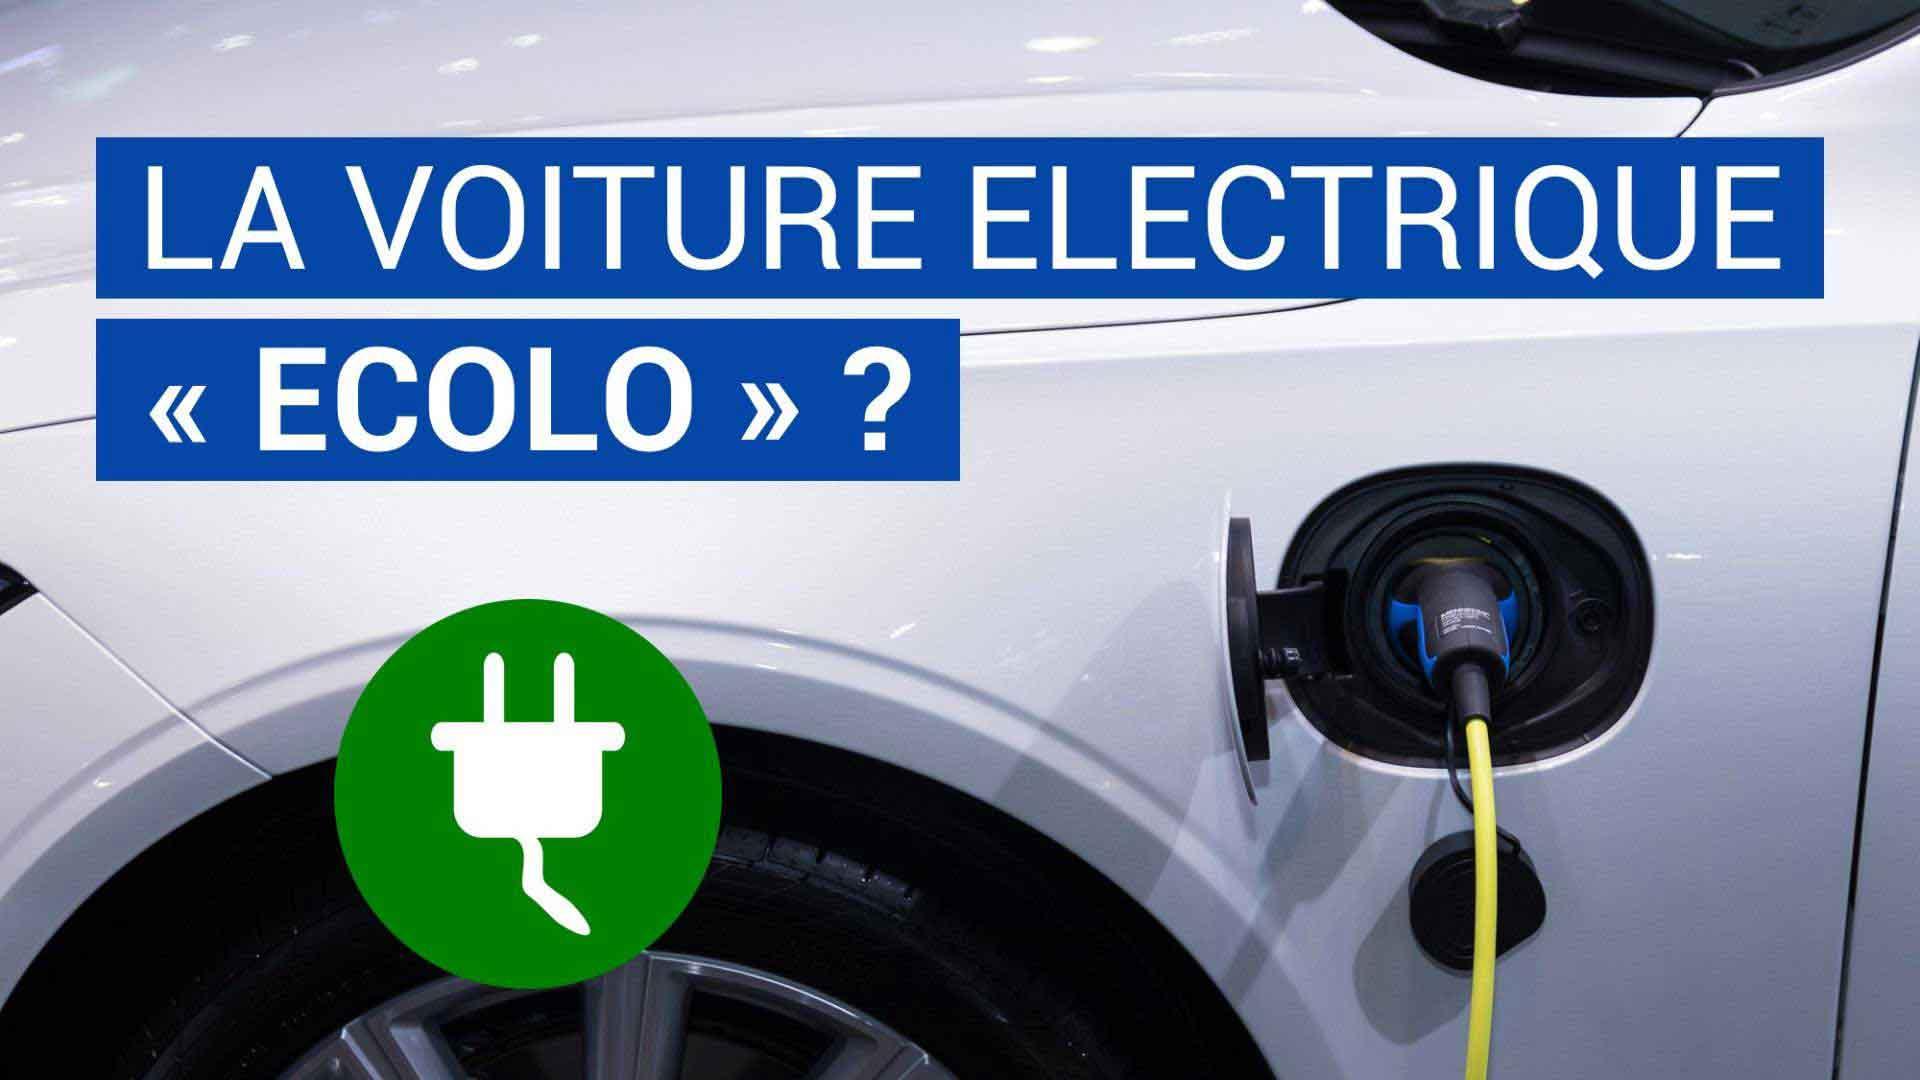 La voiture électrique est-elle si « écolo » ?